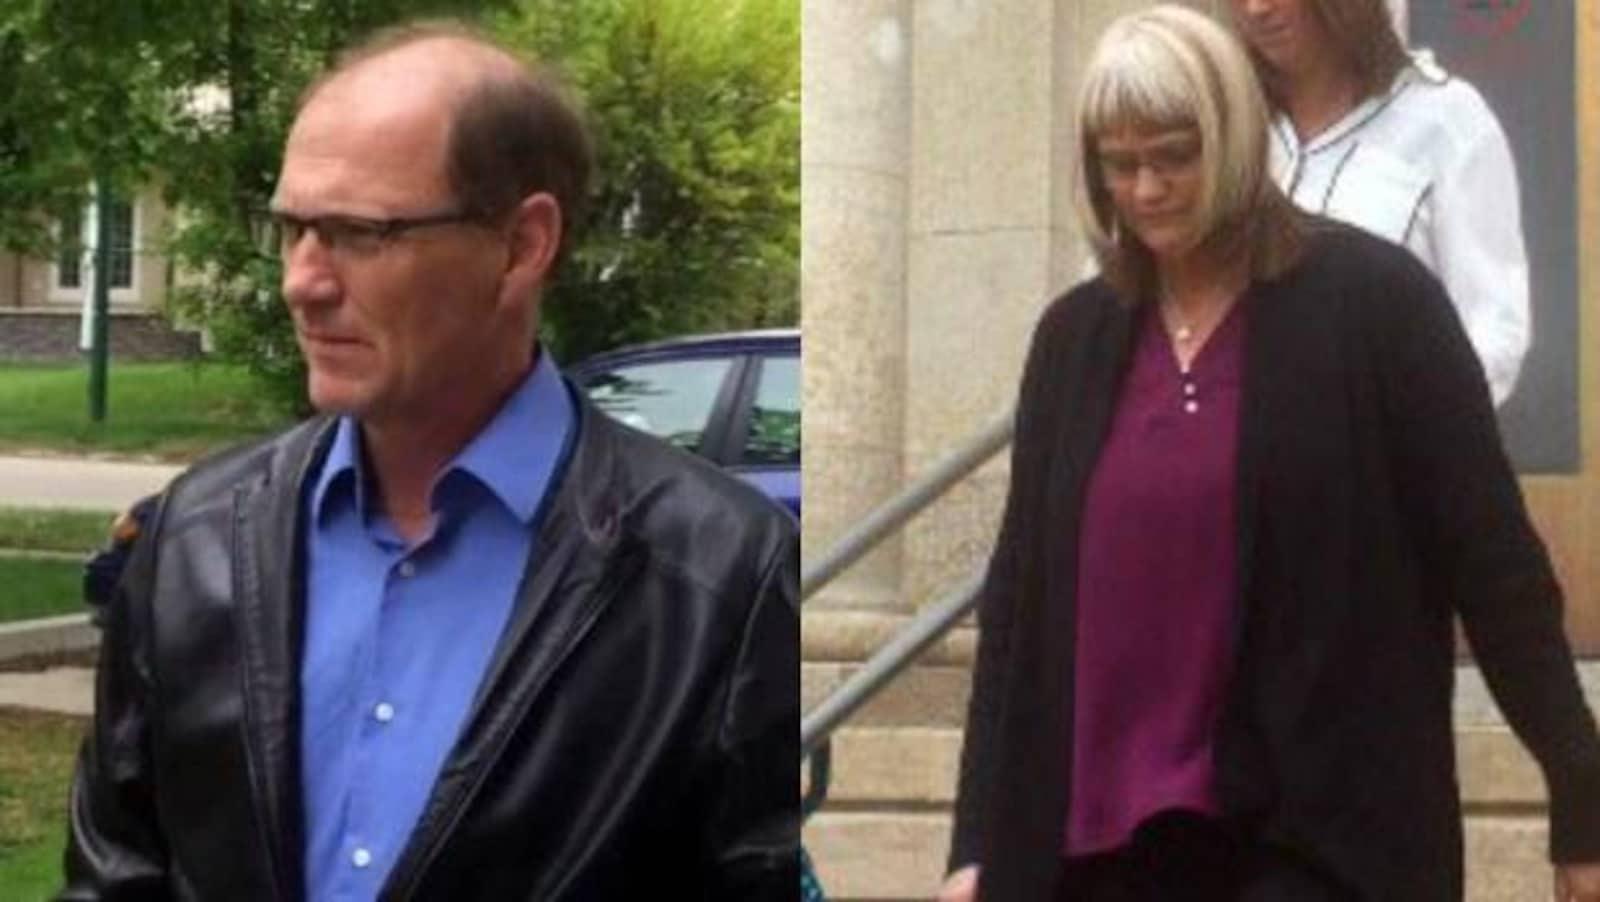 moitié droite : Un homme au visage grave, avec lunettes et veste en cuir.  moitié gauche : une femme au visage grave descend des escaliers.